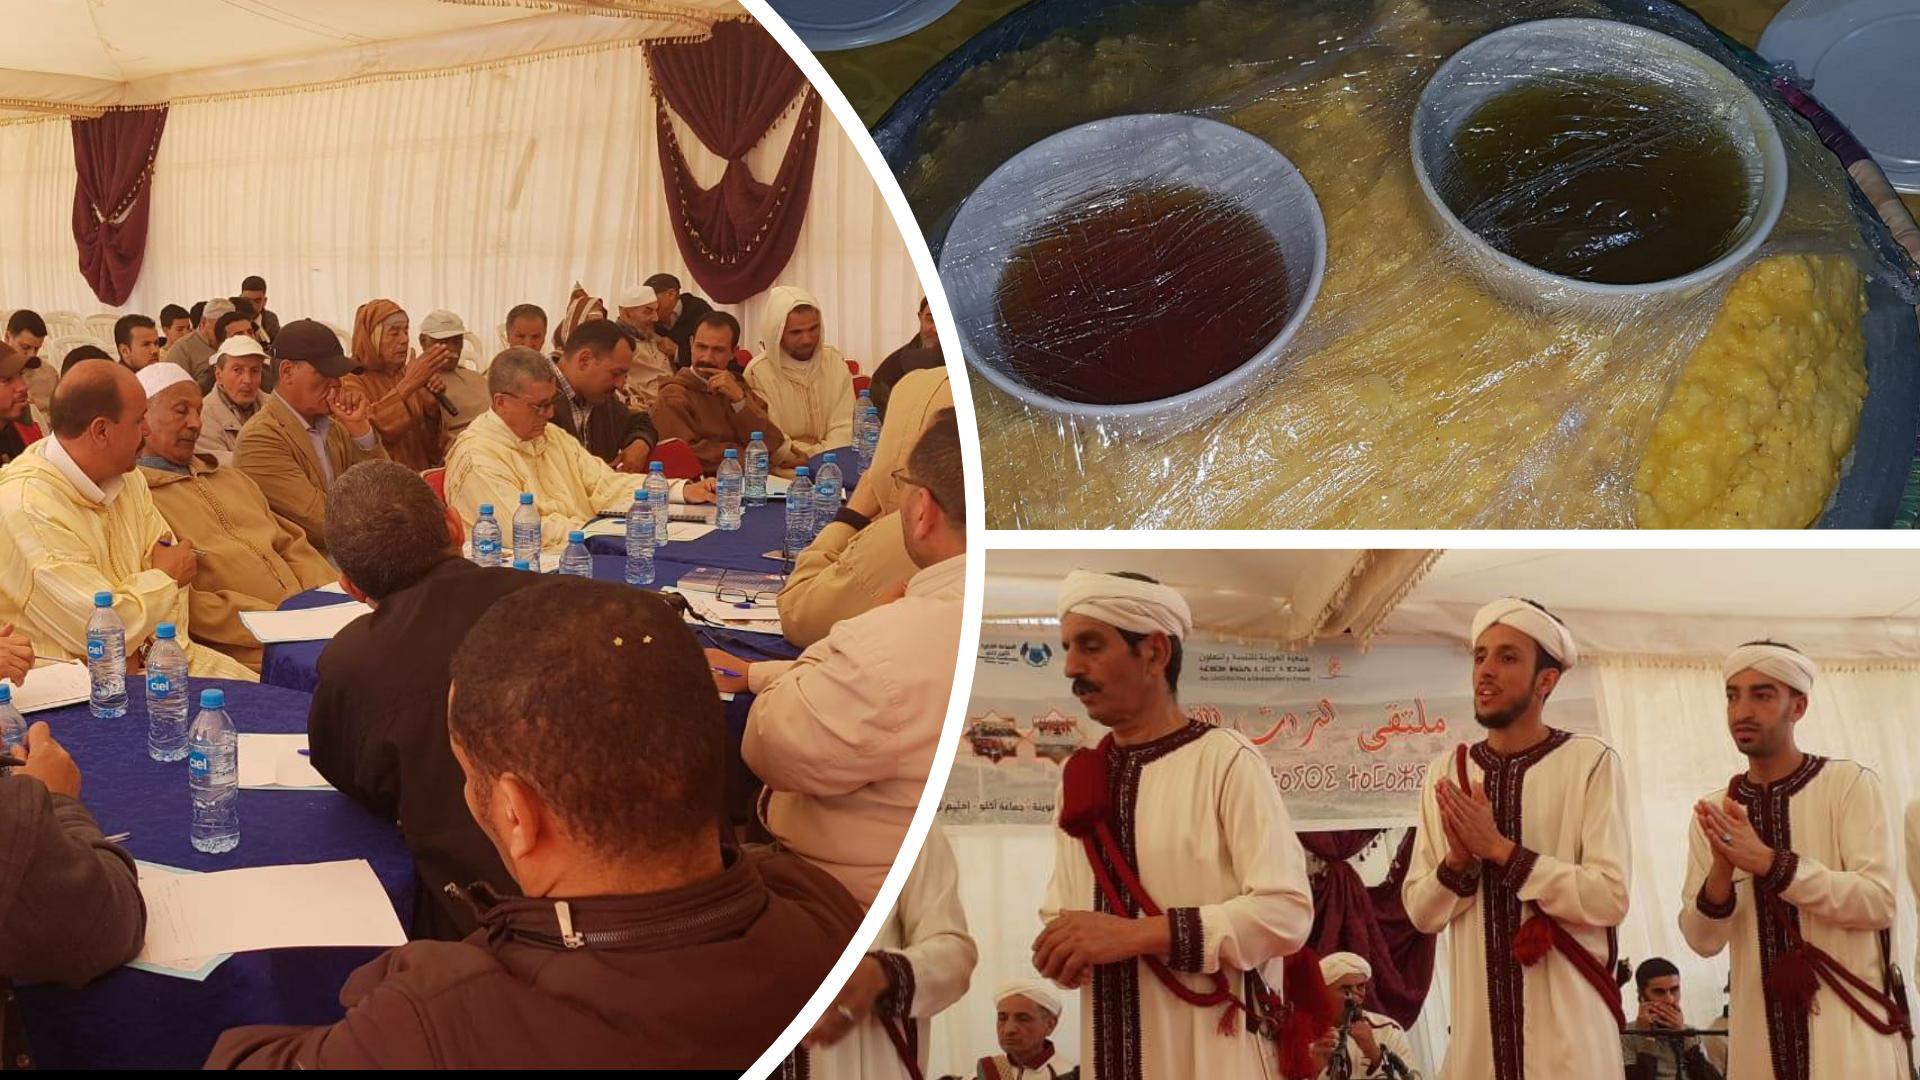 أكلو: بالصُّور ..جمعية العوينة للتنمية والتعاون تحتفل بالسنة الأمازيغية الجديدة 2970